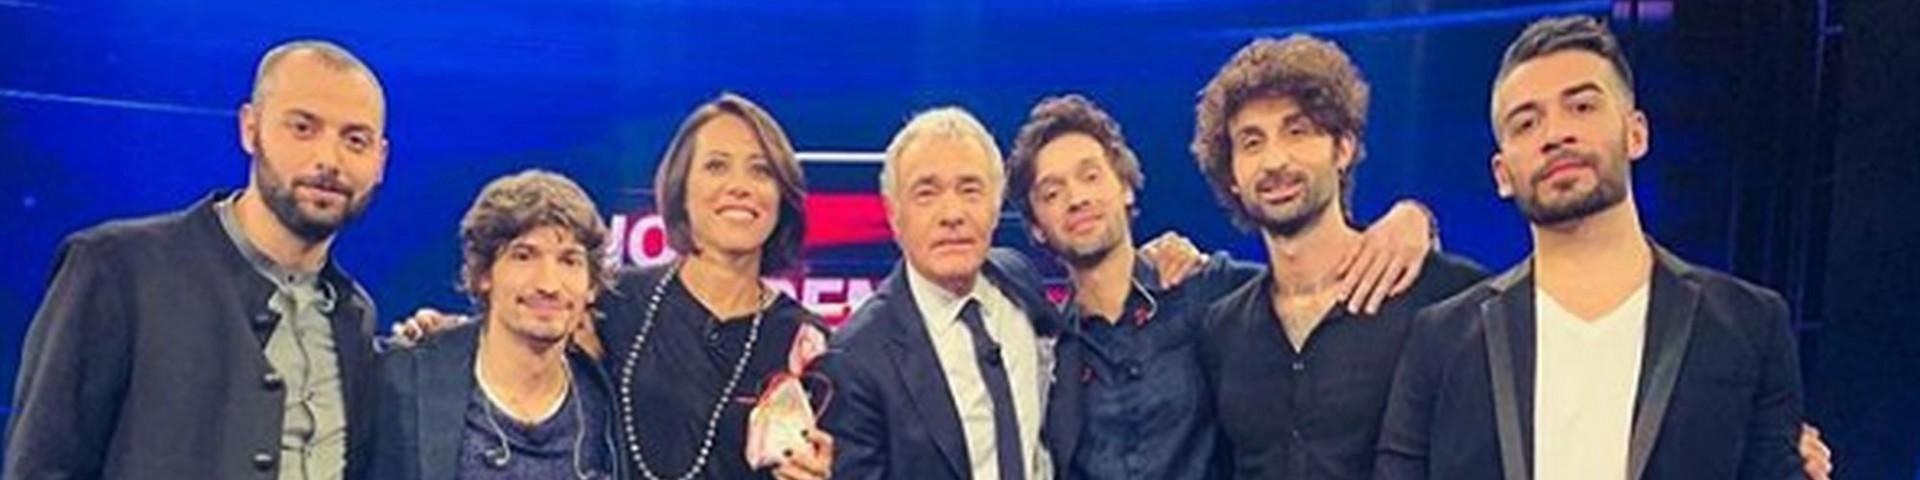 """Pierdavide Carone a Non è L'Arena: """"Non ho mai ricevuto l'sms di Baglioni"""" - Video"""